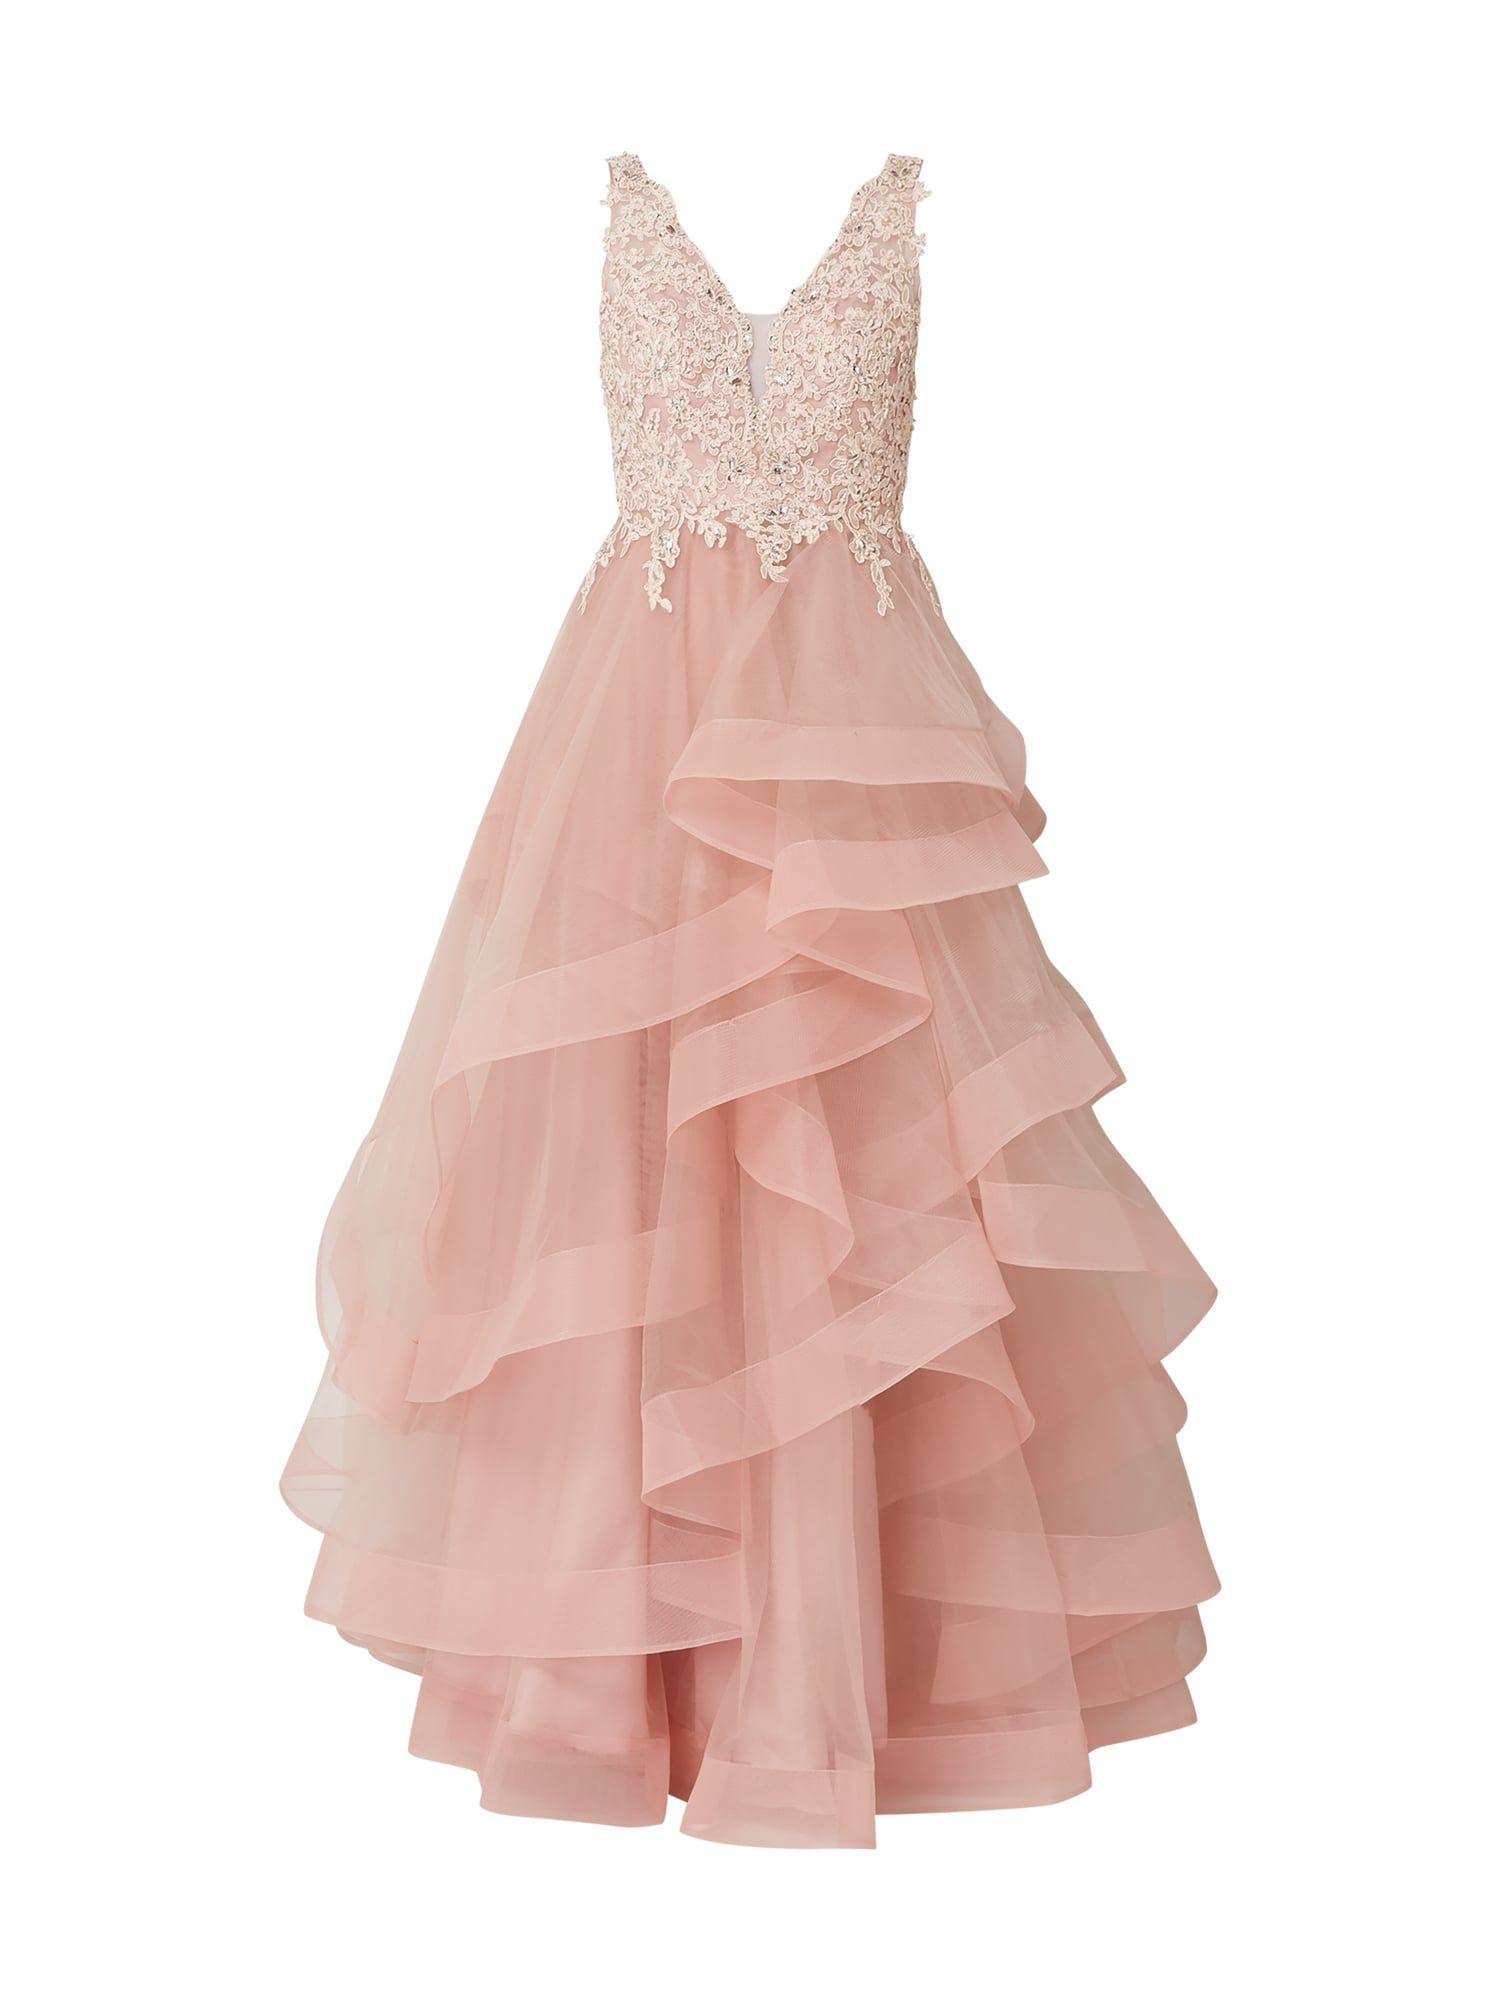 unique abendkleid aus tüll im stufen-look in rosé online